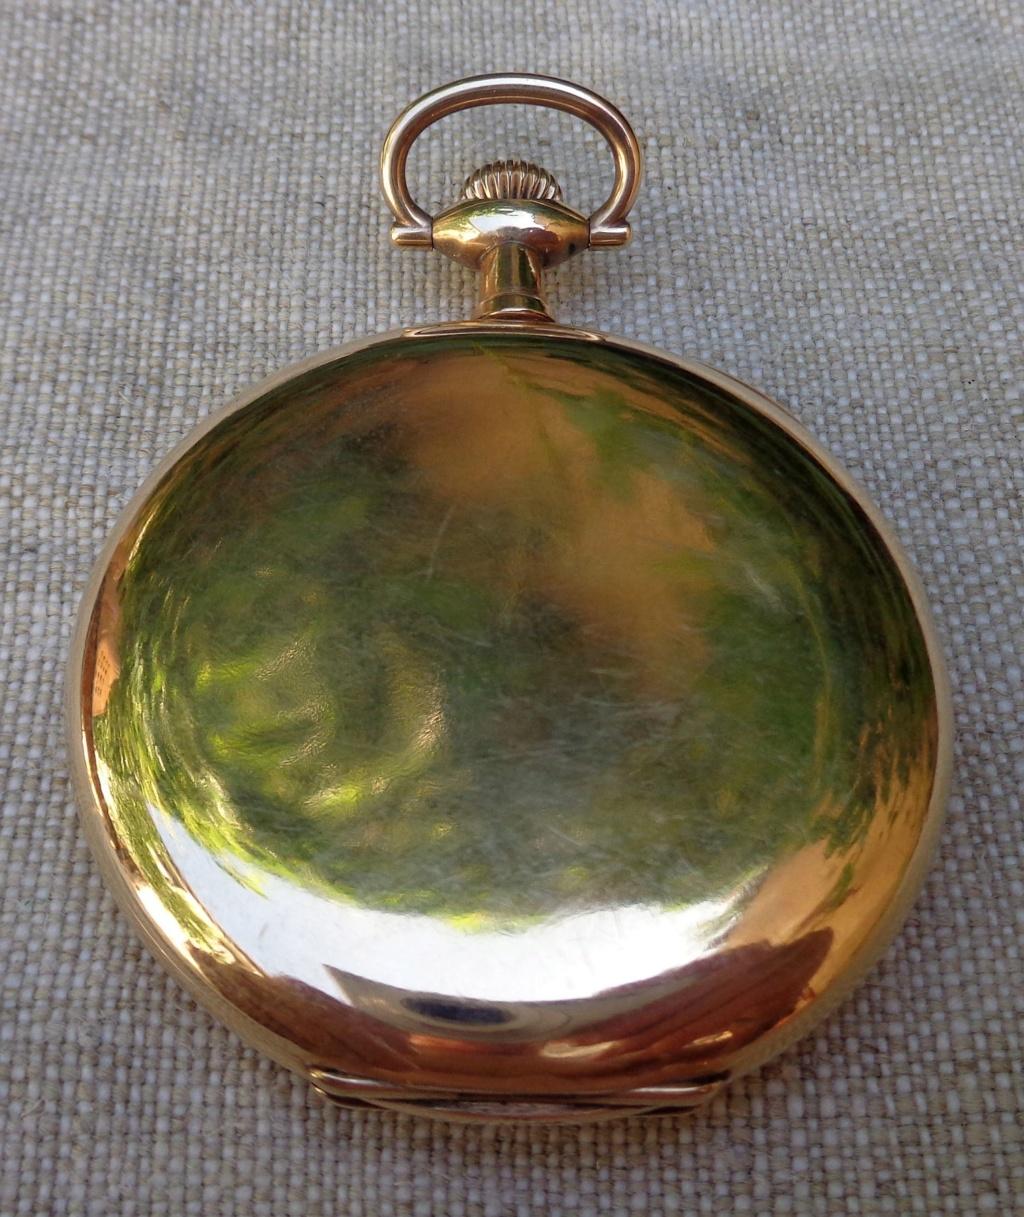 Comment dater une montre vintage américaine HOWARD  Dsc05011